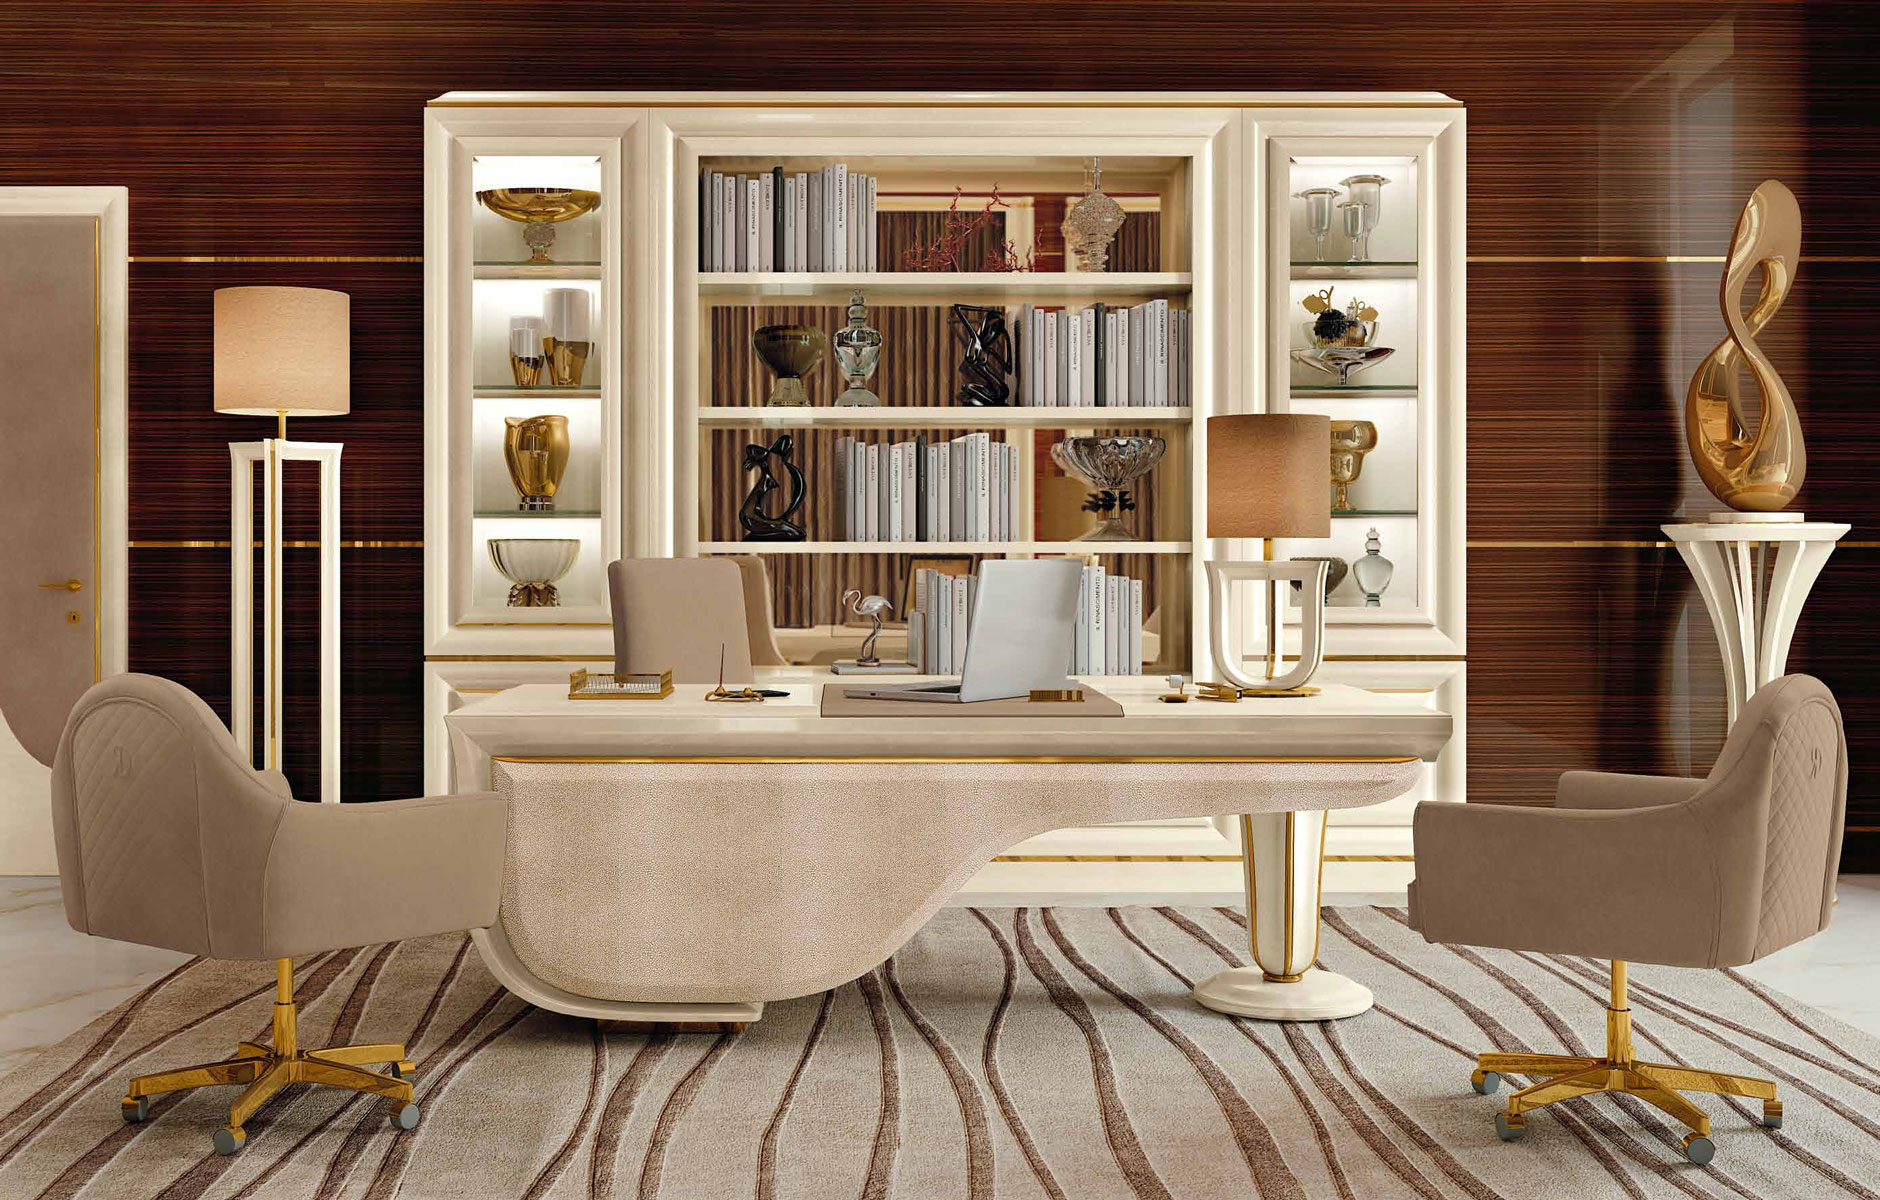 meubles contemporains meubles sur mesure hifigeny. Black Bedroom Furniture Sets. Home Design Ideas